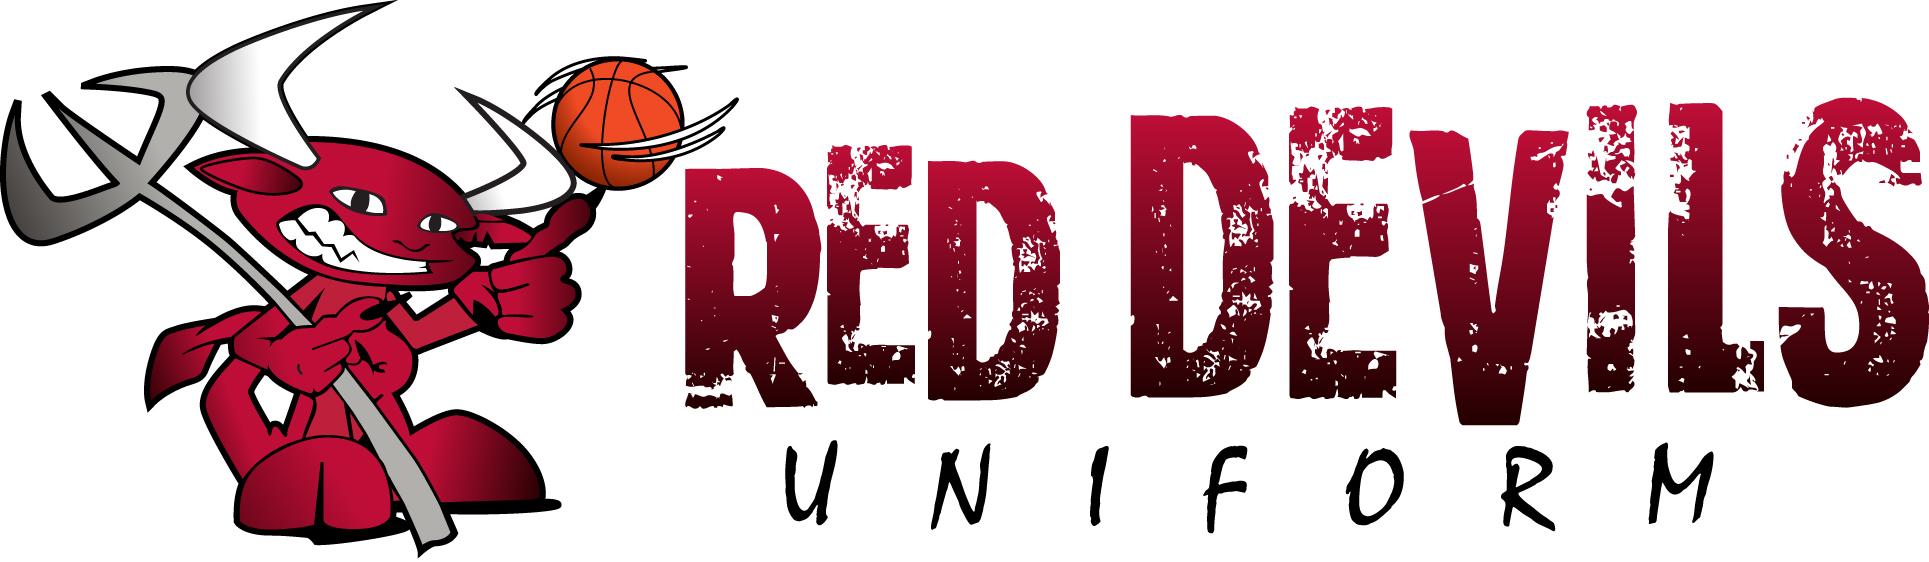 red devils title.jpg